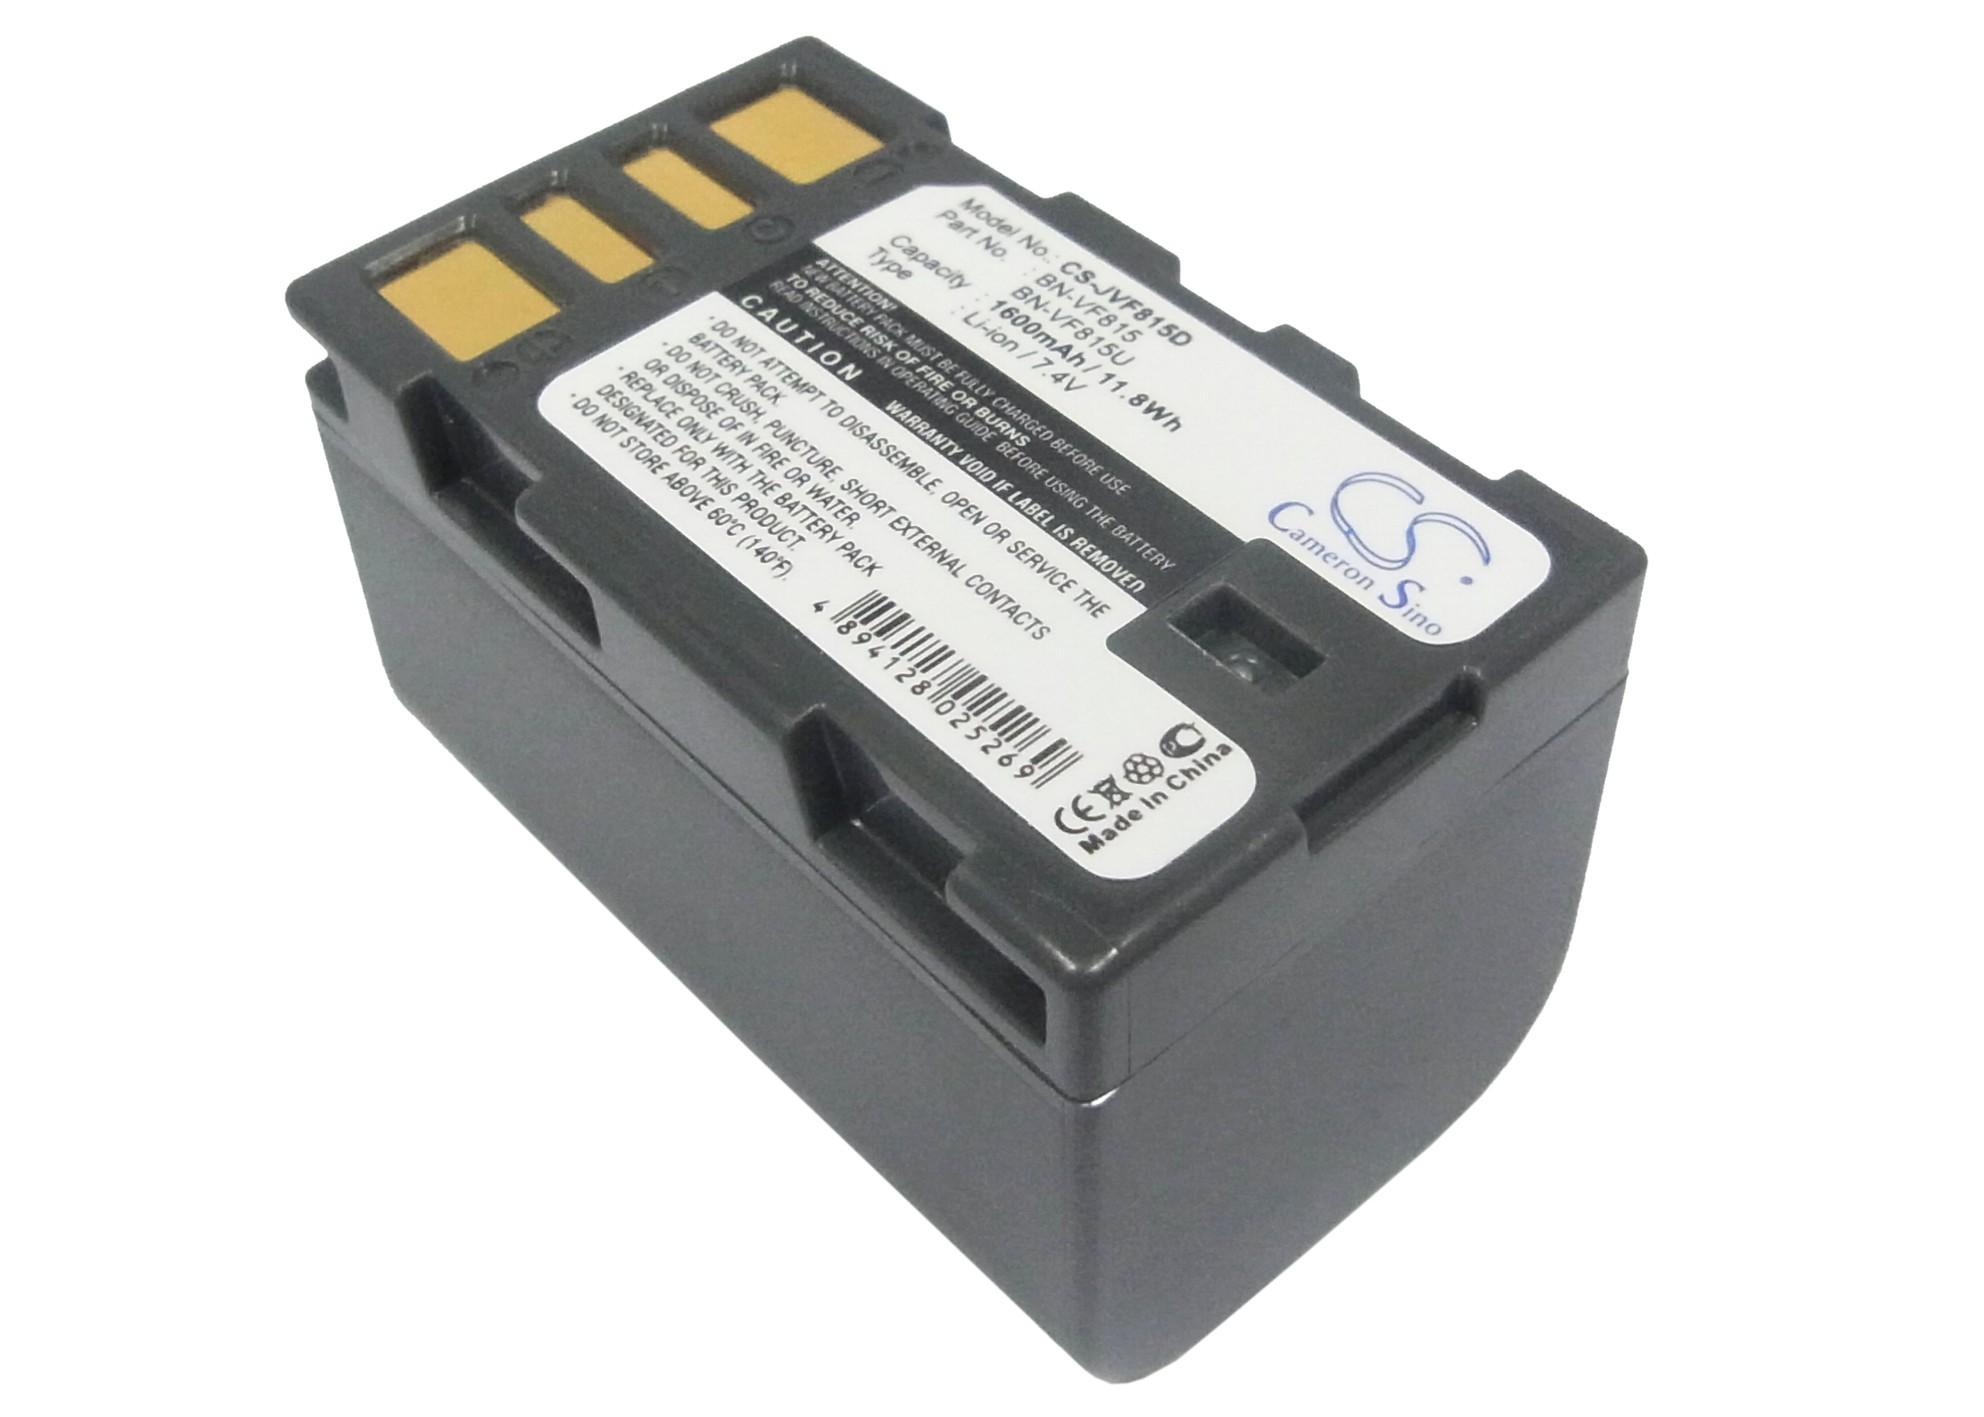 Cameron Sino baterie do kamer a fotoaparátů pro JVC GZ-HD3 7.4V Li-ion 1600mAh černá - neoriginální